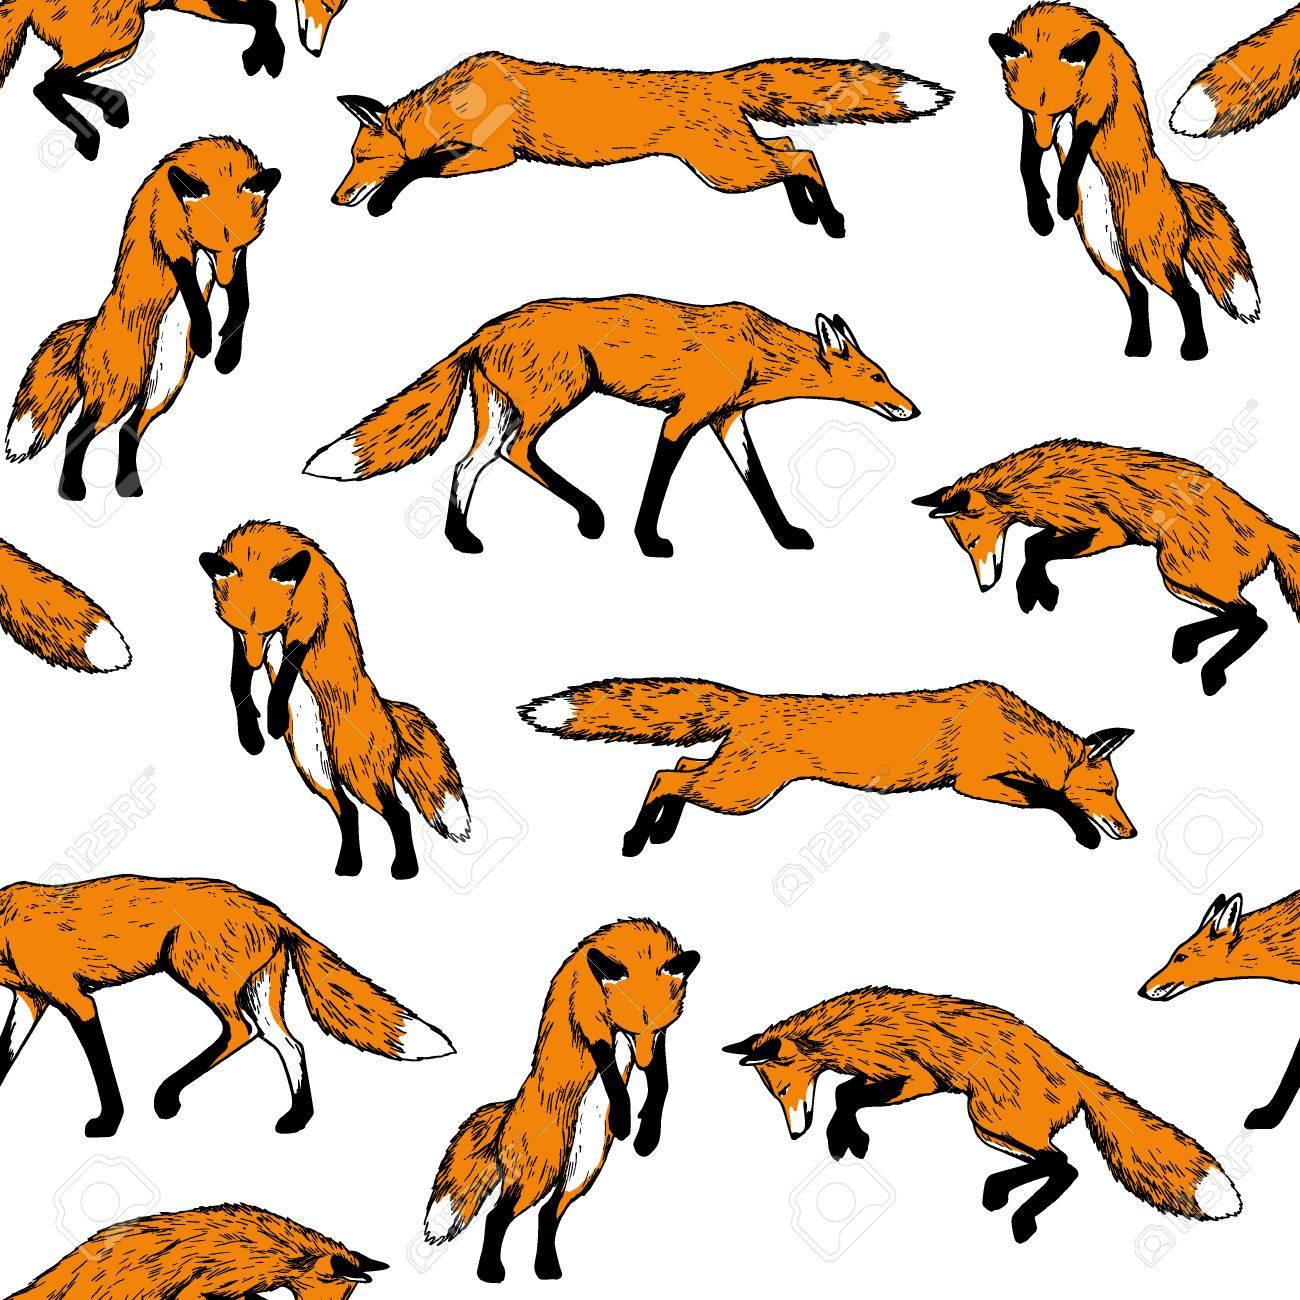 手描きペンとインクで作ったキツネの狩猟とシームレスなパターンを